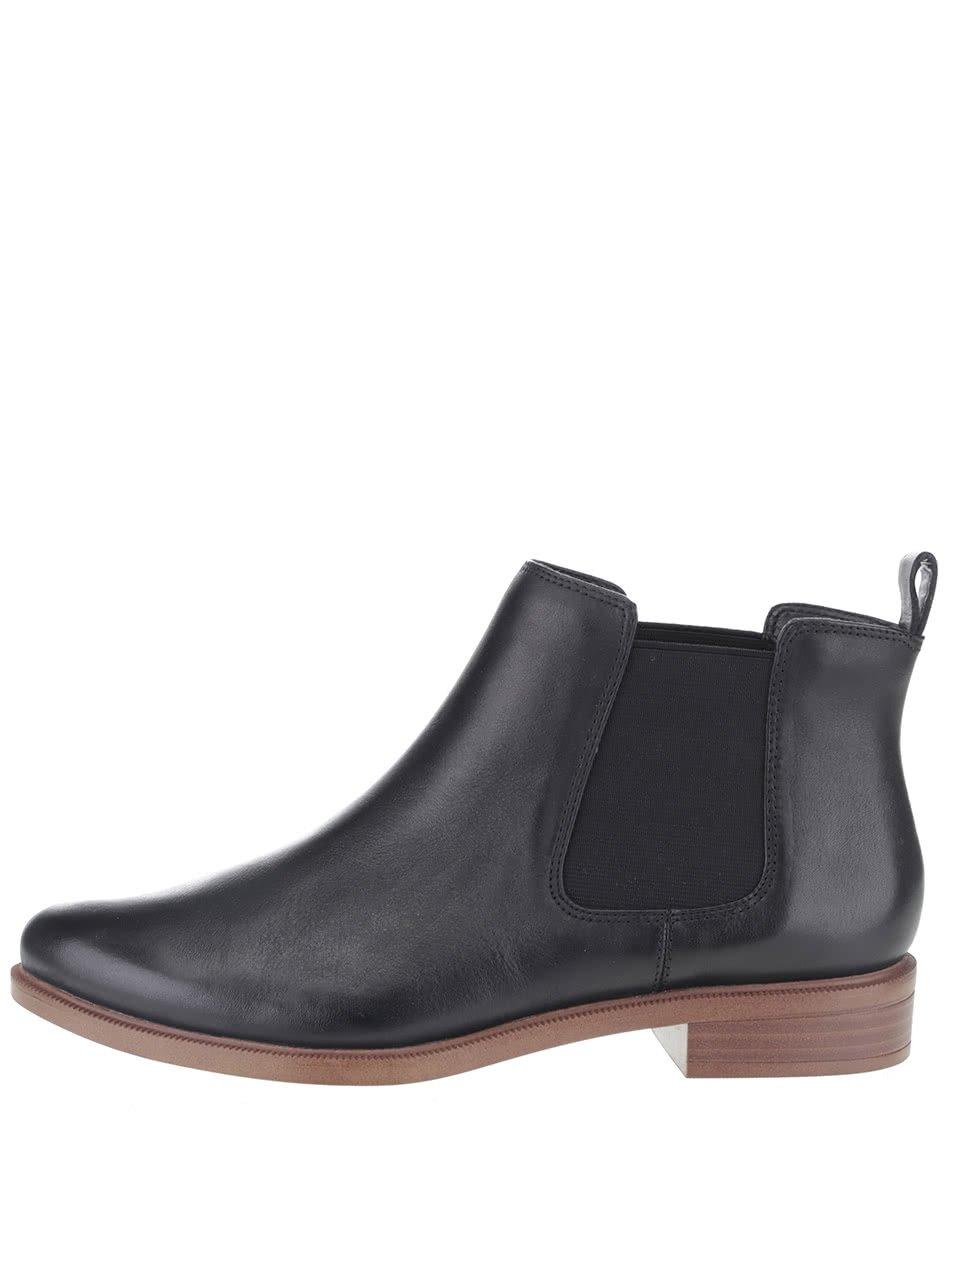 Černé dámské kožené chelsea boty Clarks Taylor